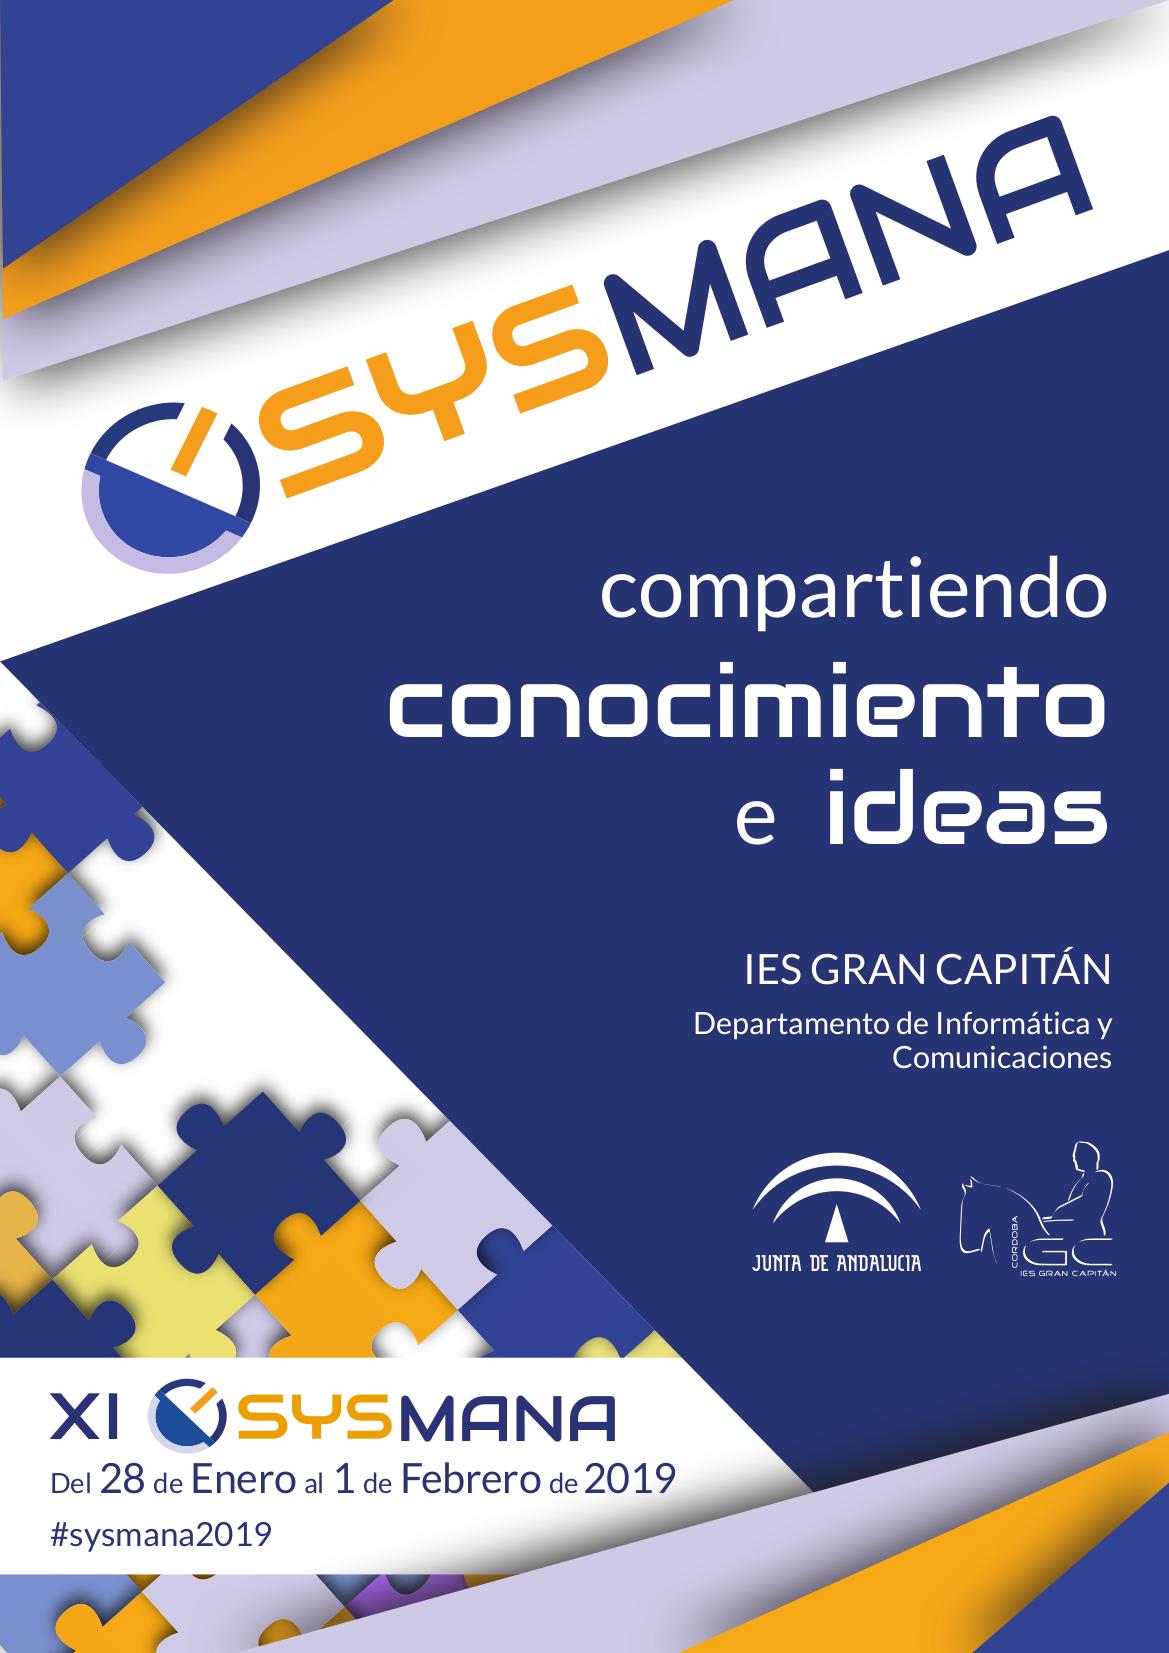 XI Sysmana